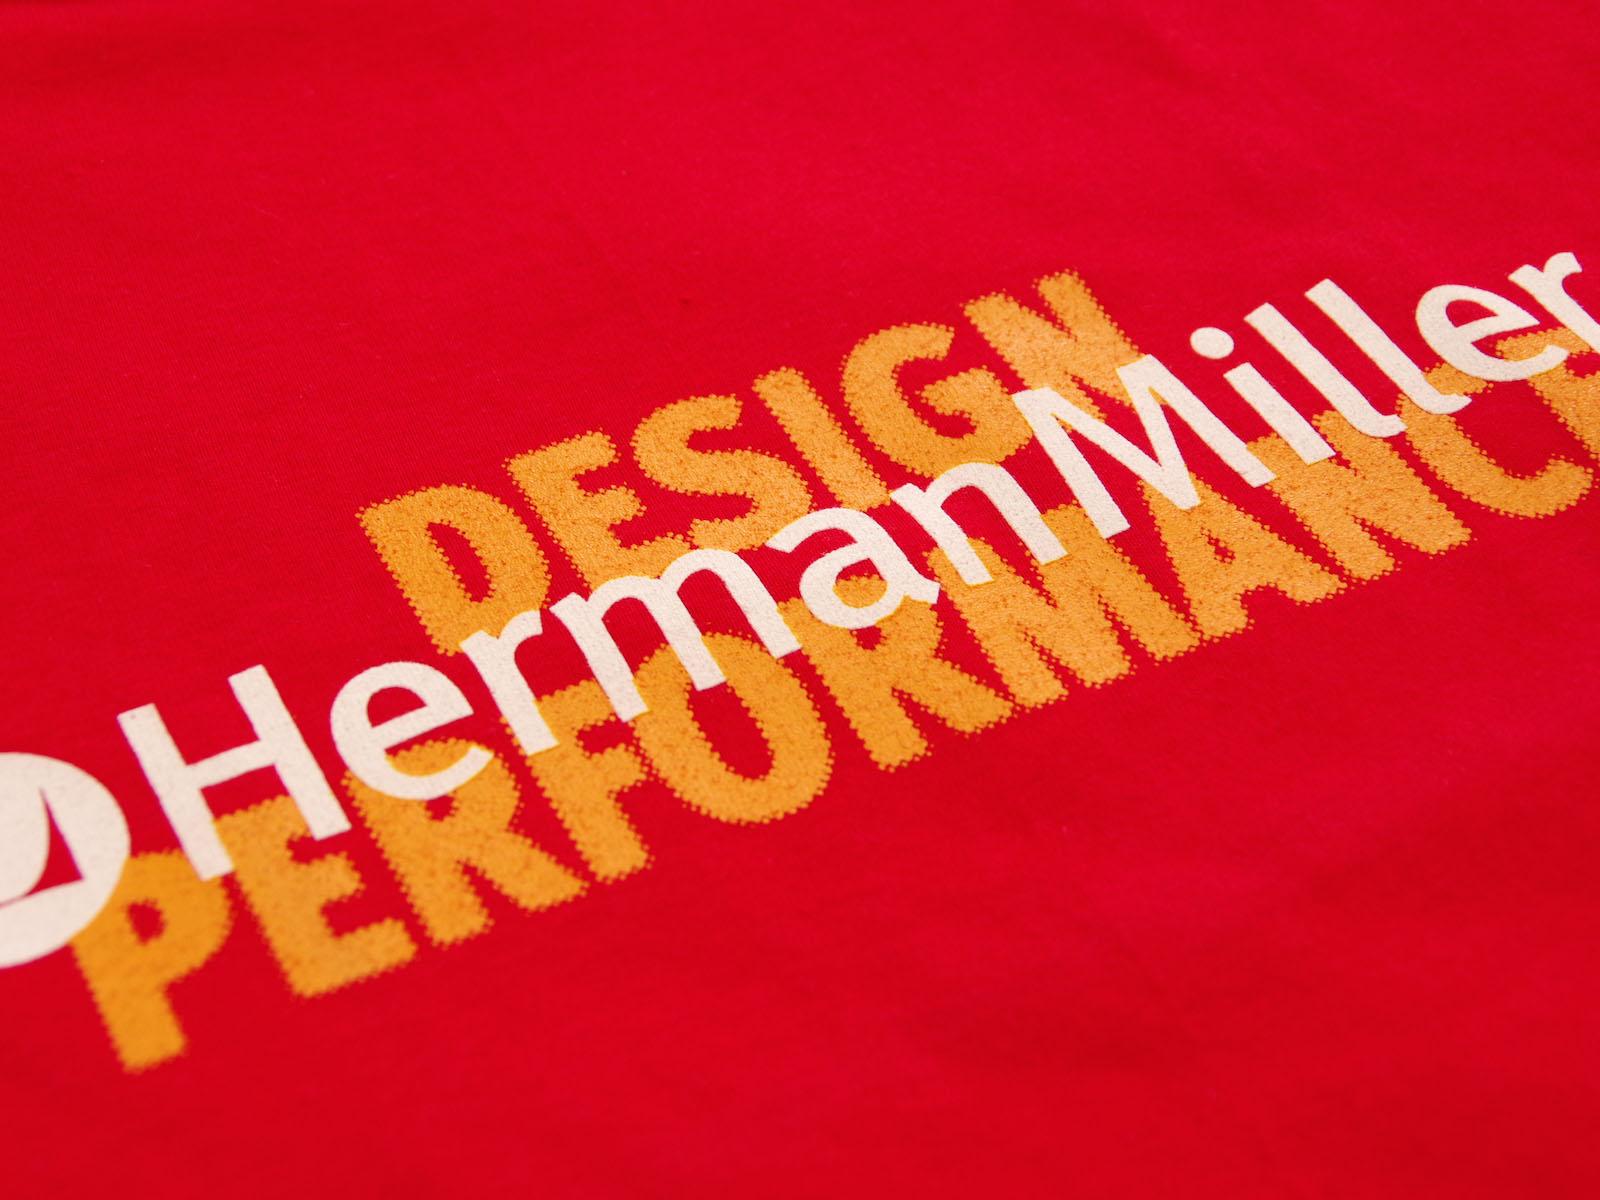 クローズアップ: HERMAN MILLER T-SHIRTS